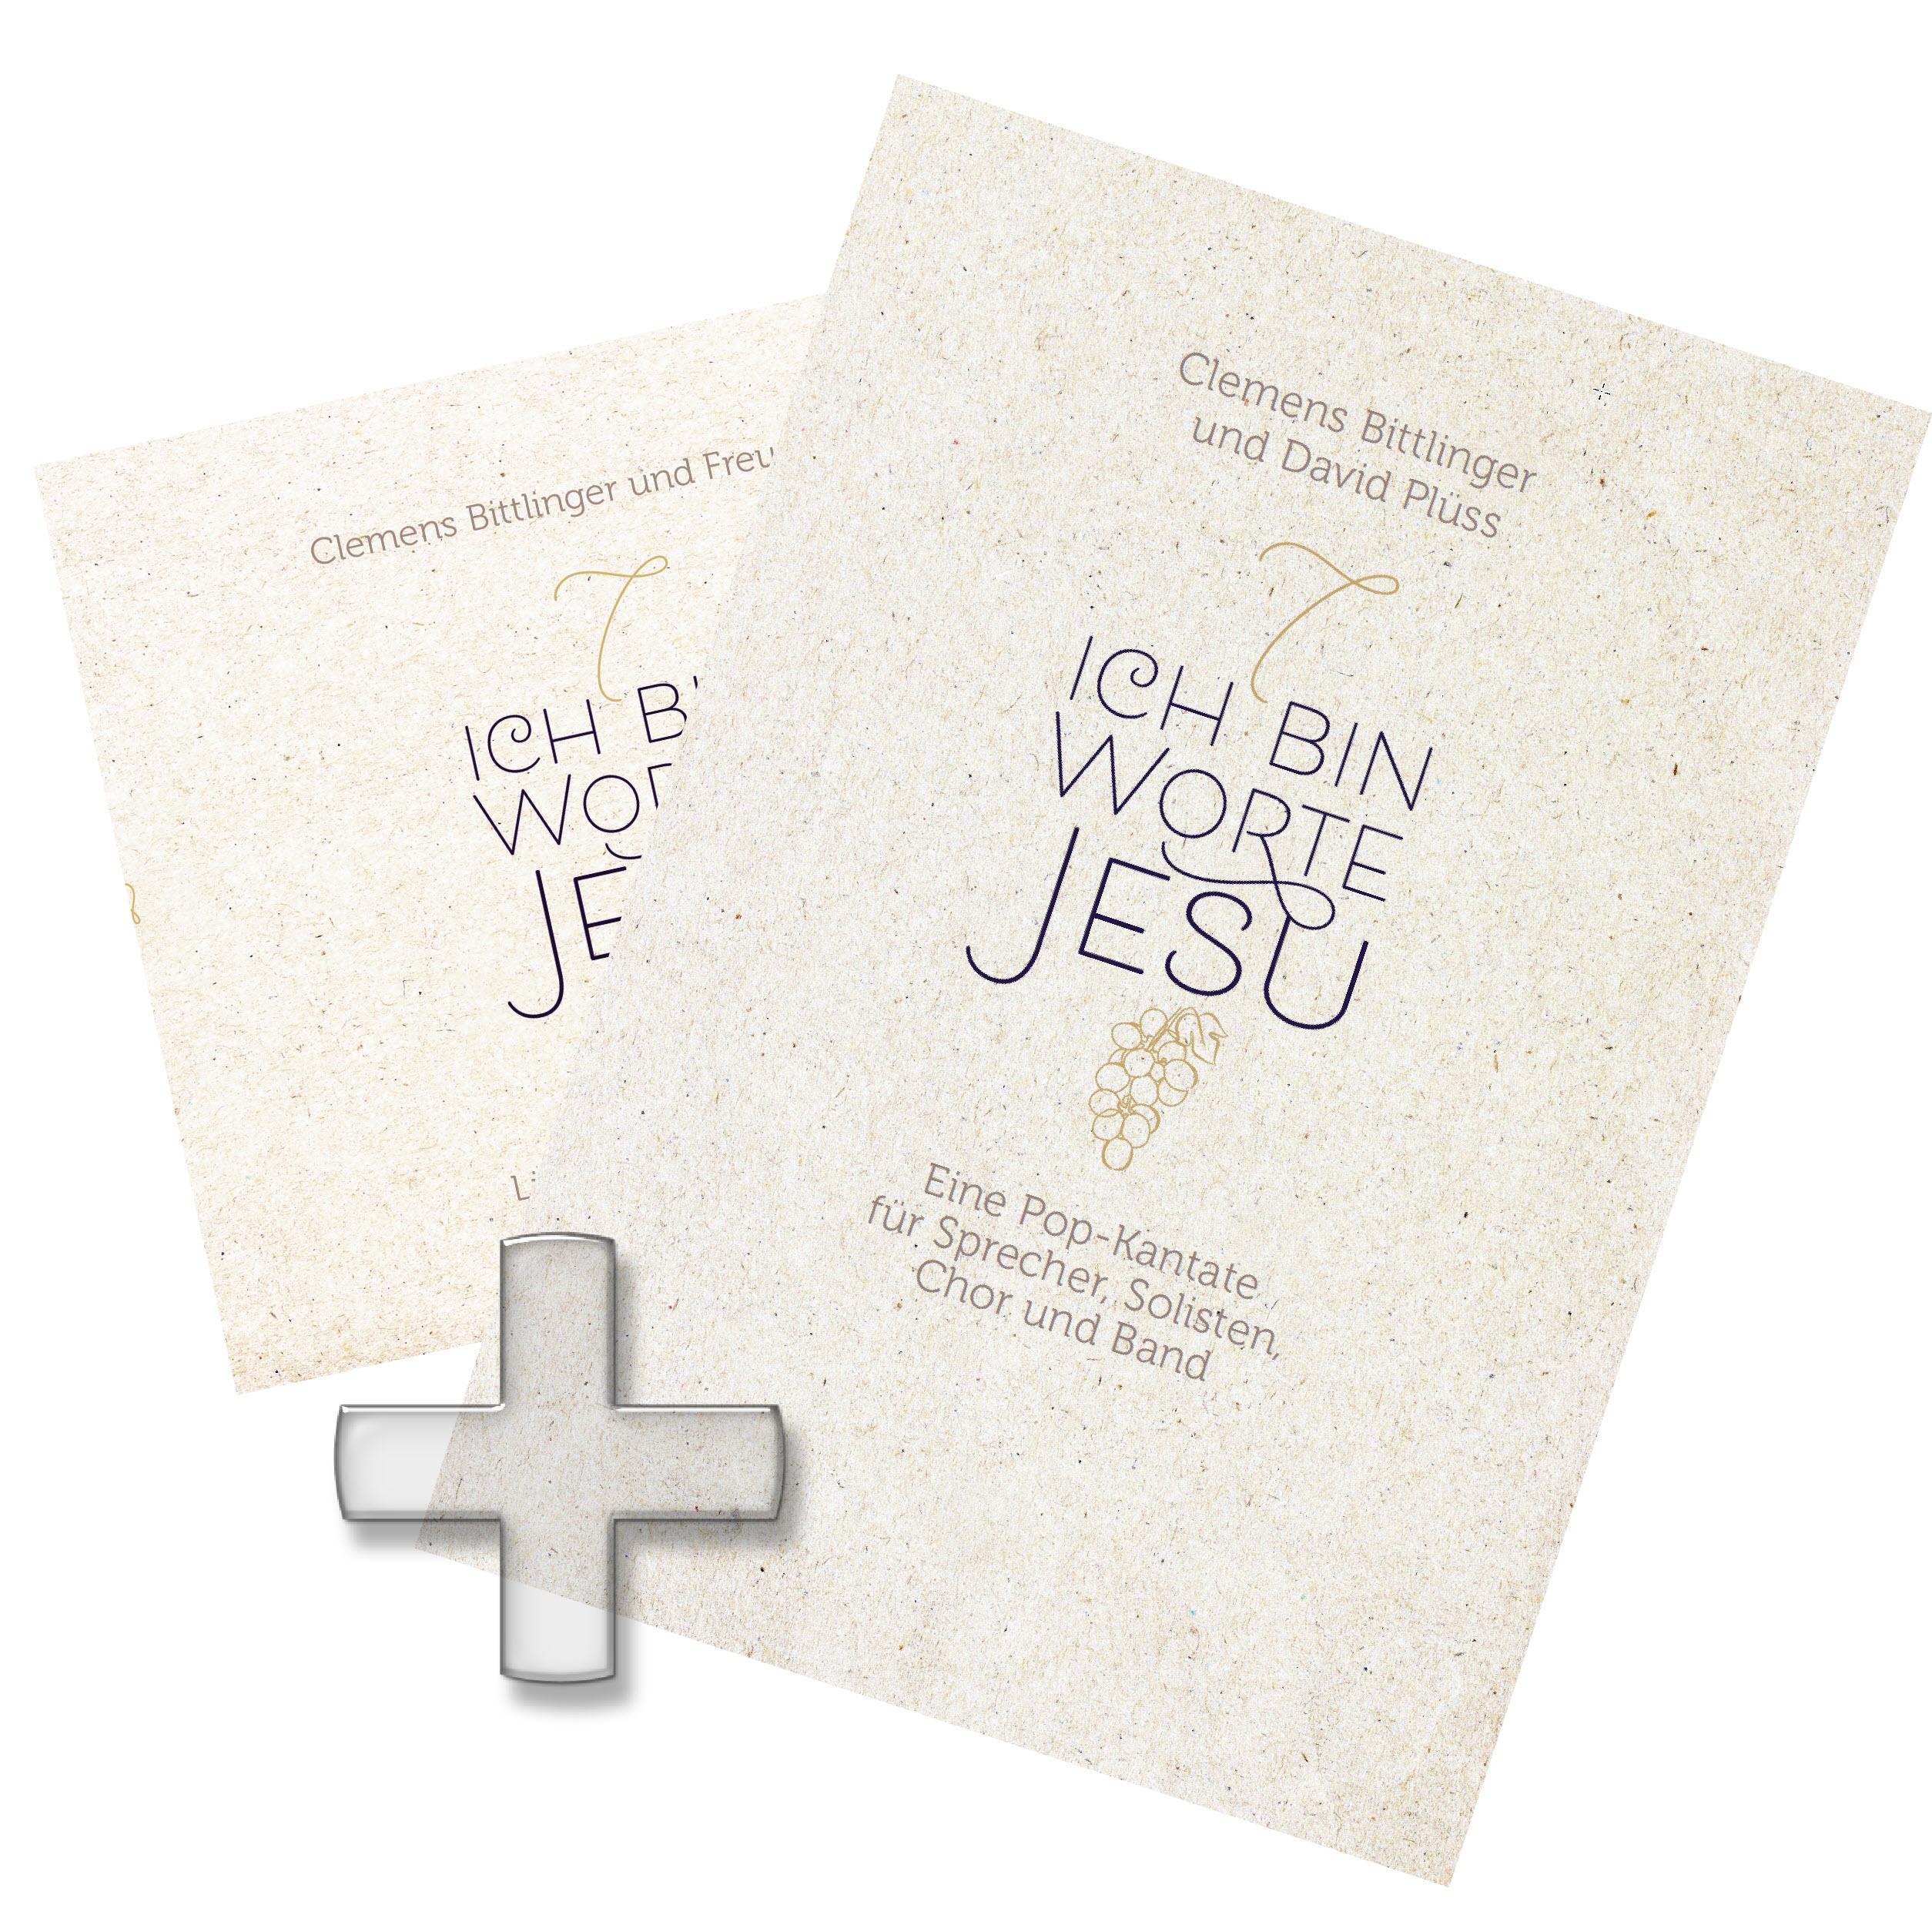 Ich Bin Worte Jesu Auslegung